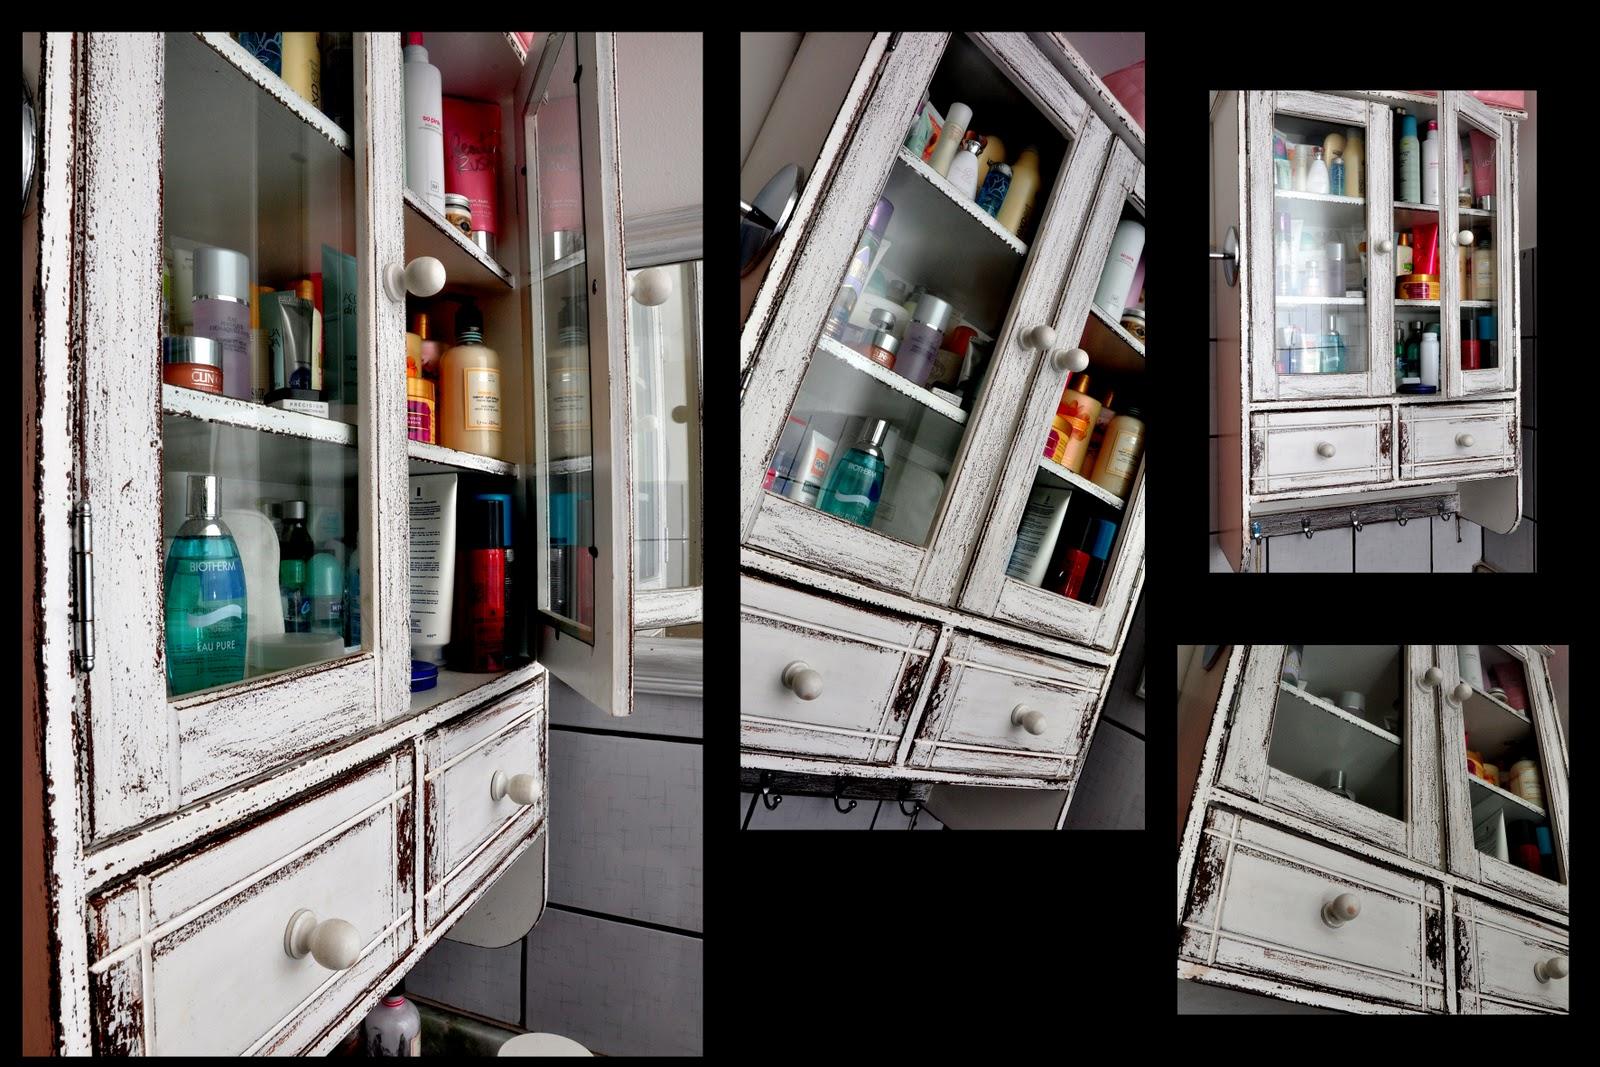 Portfólio Claudio Amorim Jr: Novembro 2011 #2F6D6F 1600x1067 Banheiro Completo Autocad